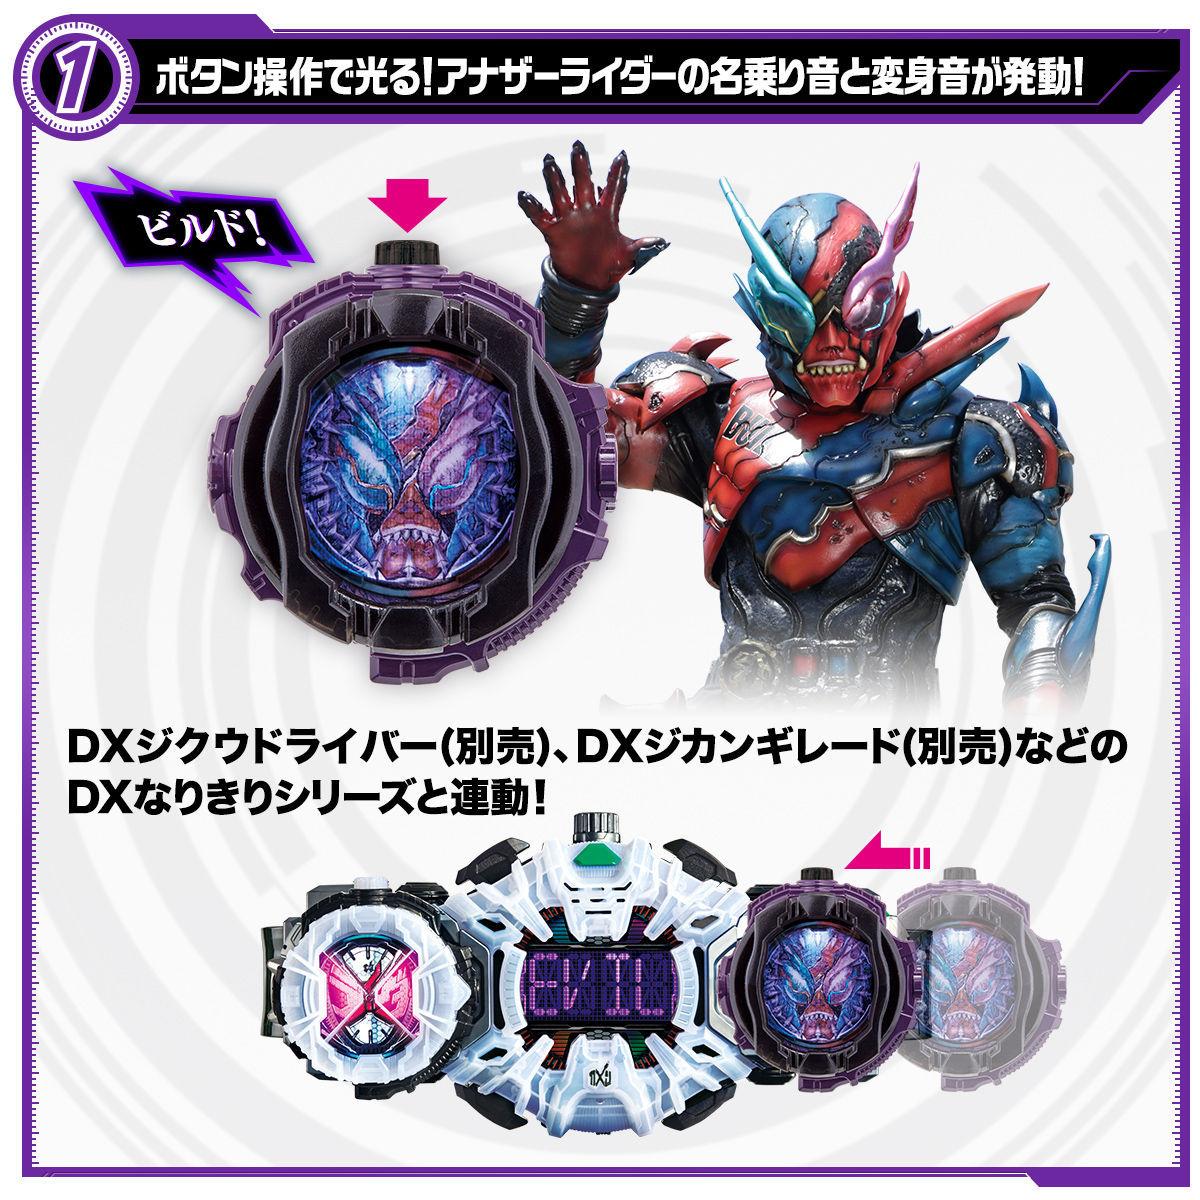 仮面ライダージオウ『DXアナザーウォッチセット』変身なりきり-003